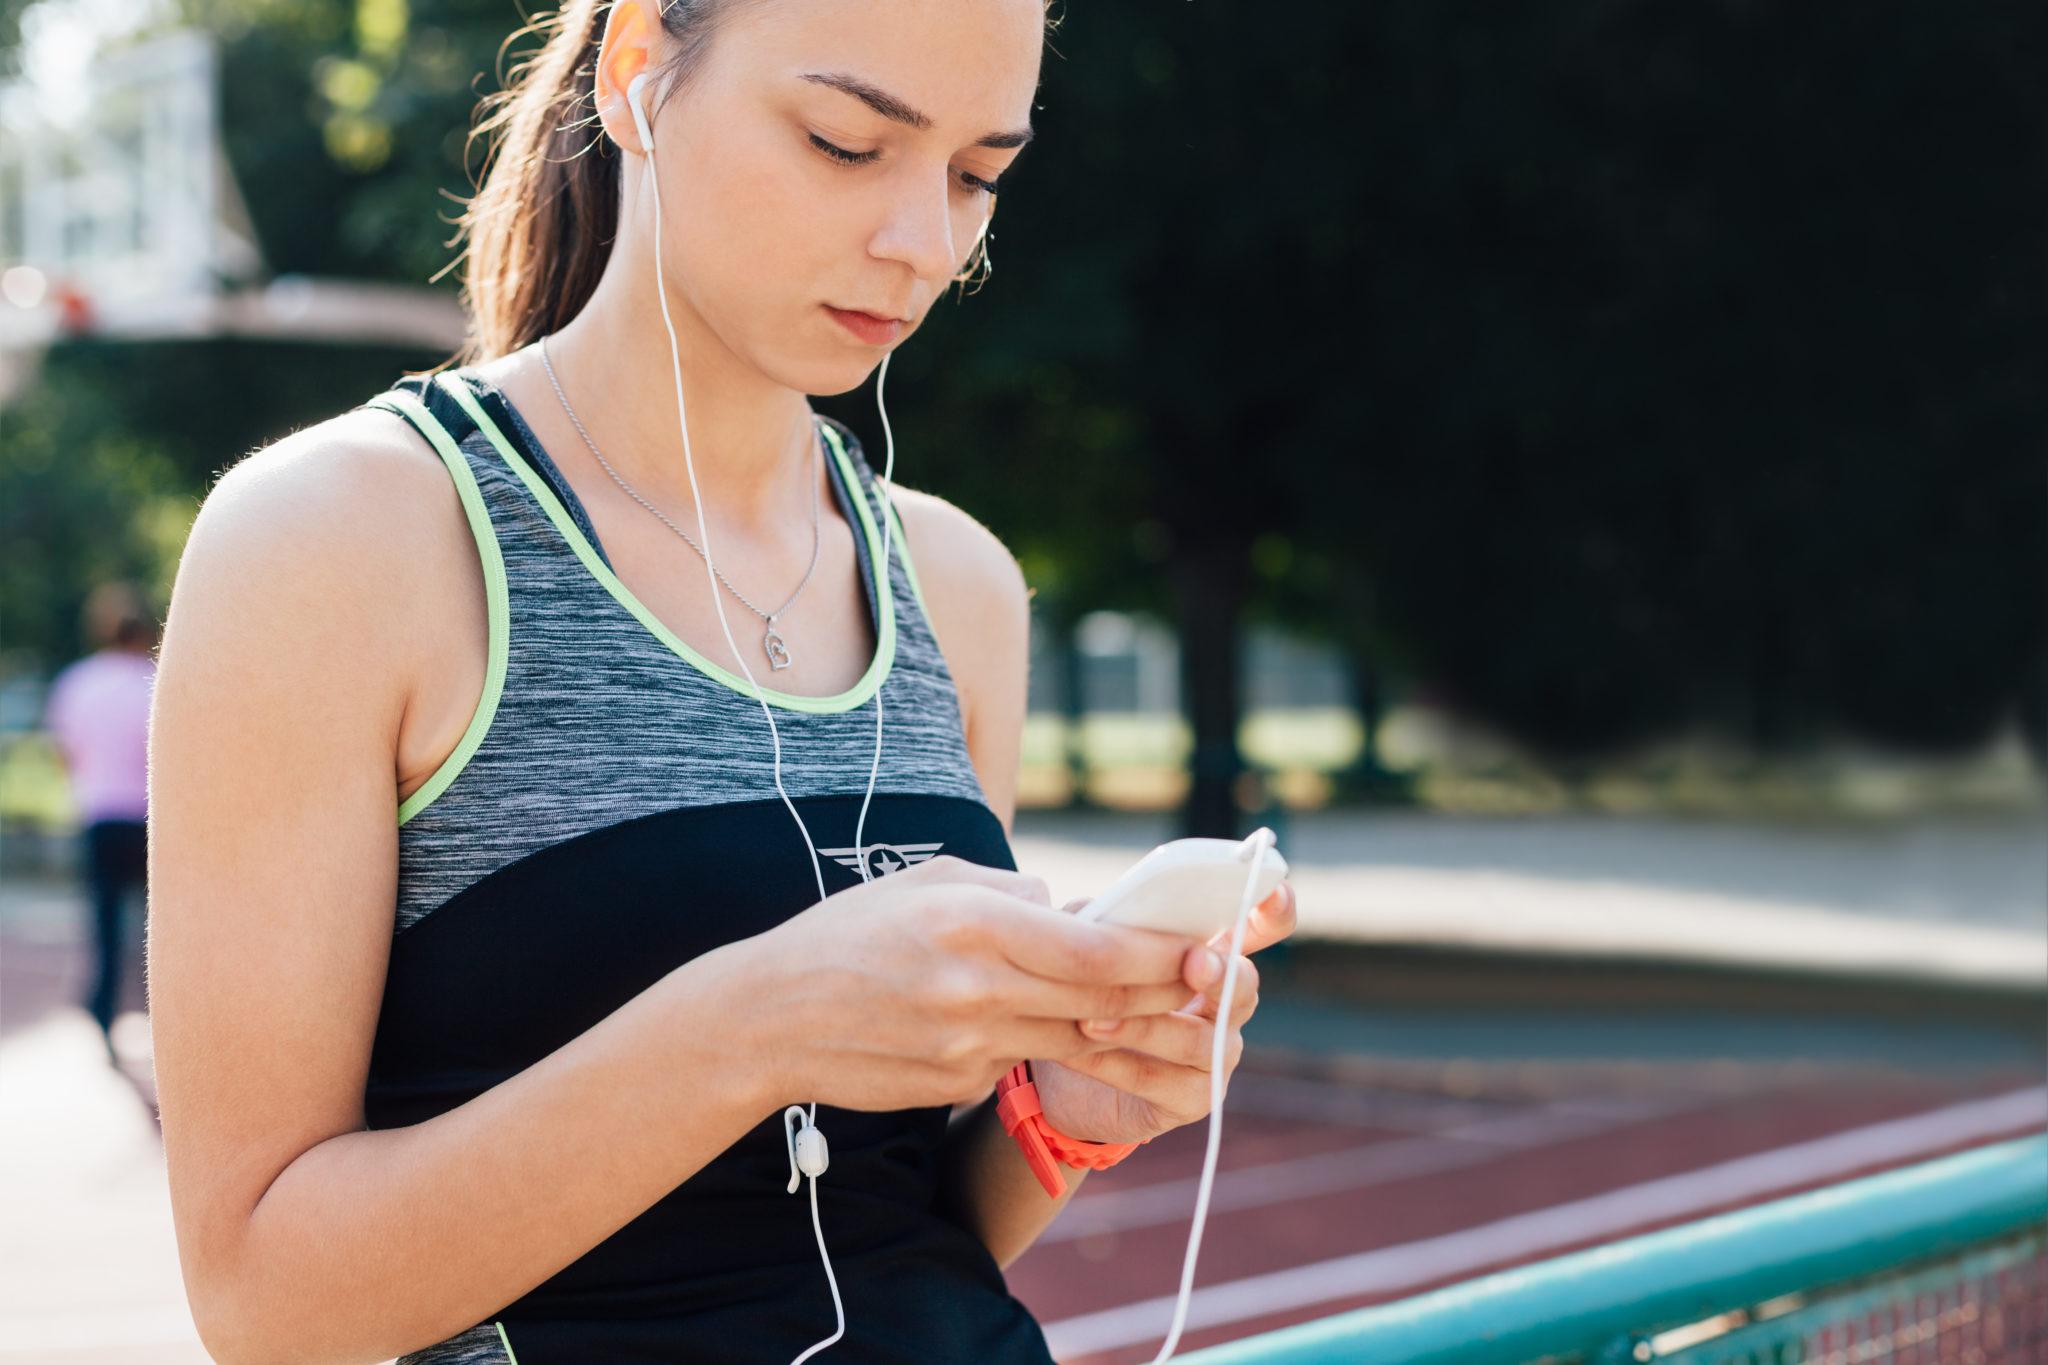 Girl choosing music for Exercise